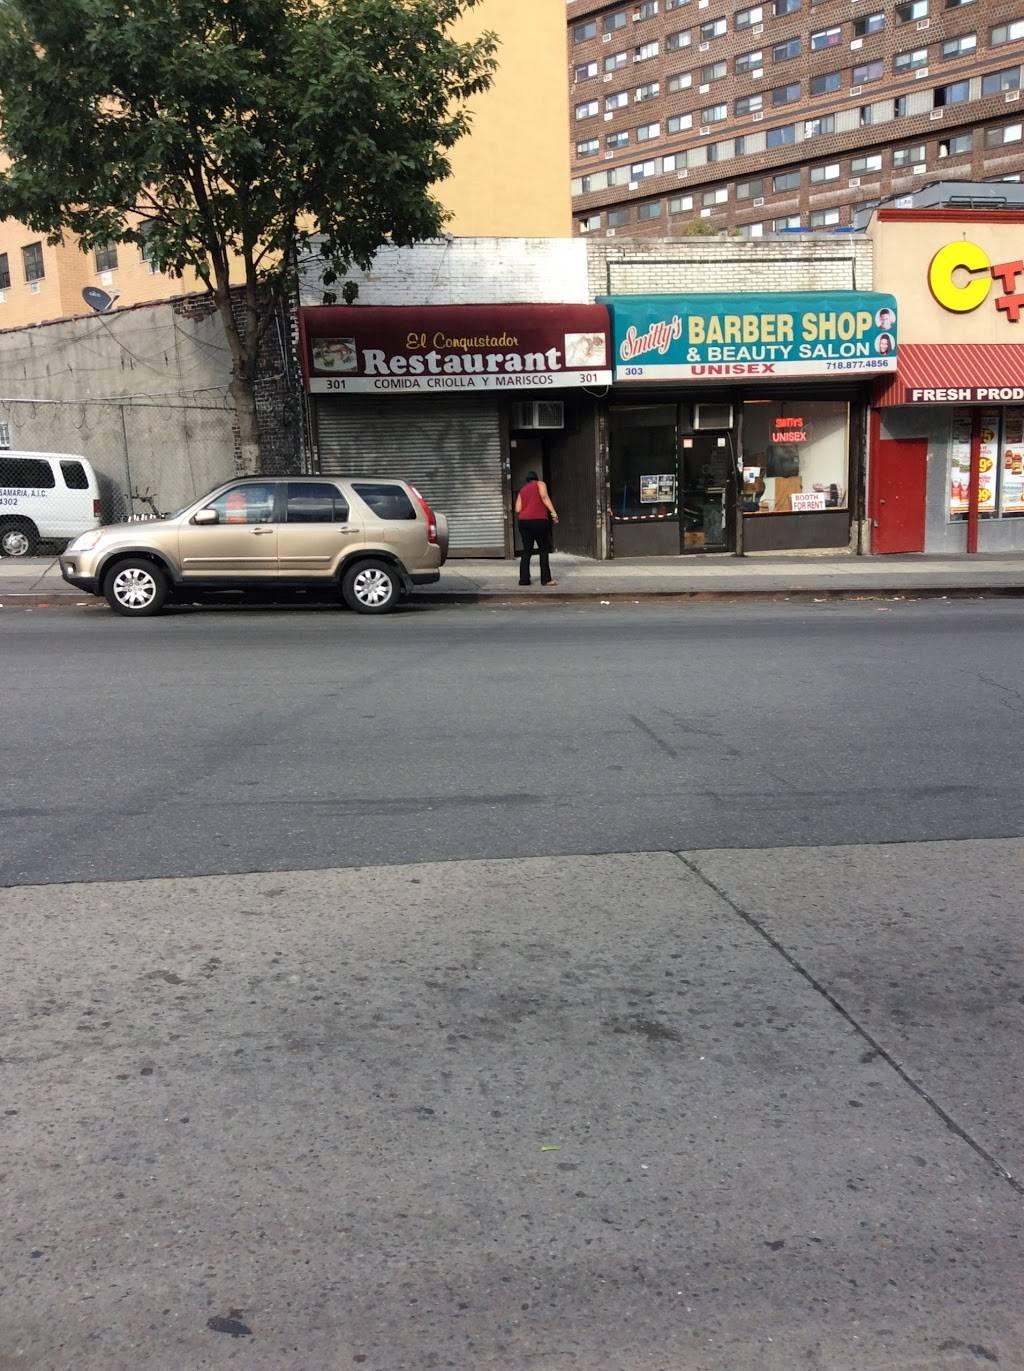 El Conquistador | restaurant | 301 E Burnside Ave, Bronx, NY 10457, USA